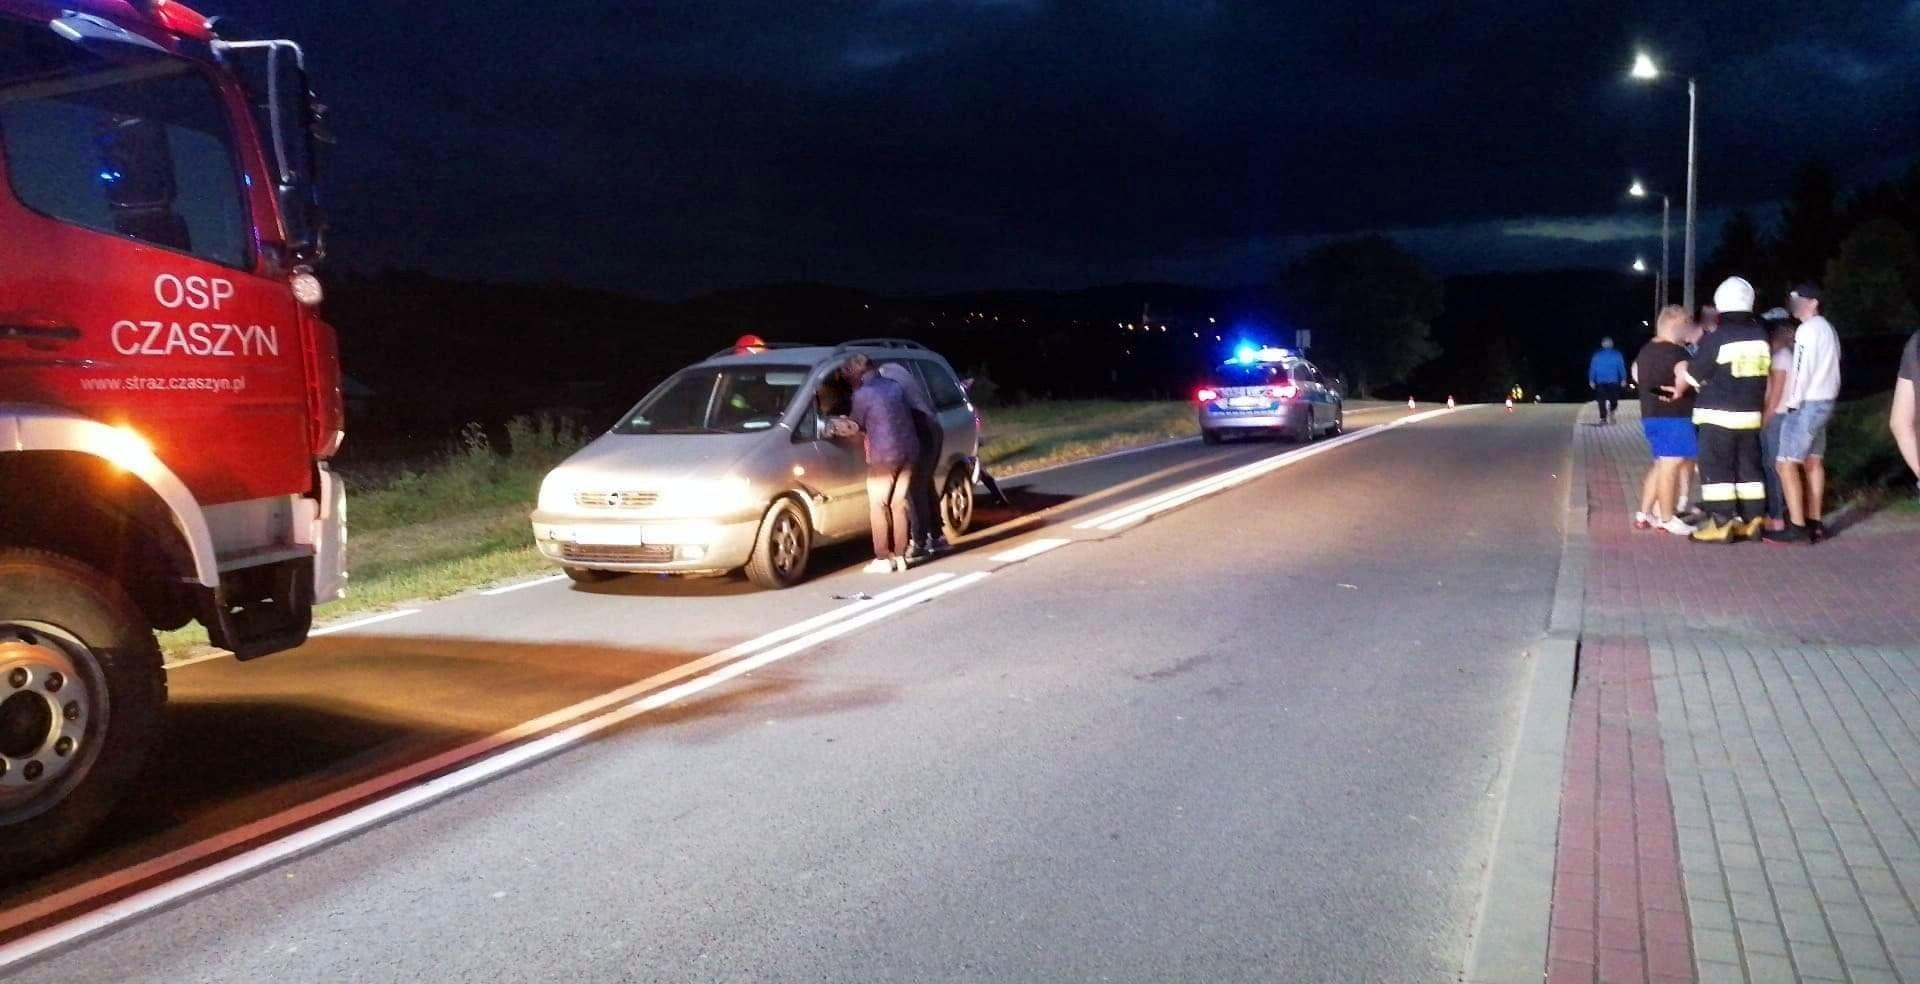 Czaszyn: Motocyklista najechał na tył samochodu [FOTO] - Zdjęcie główne